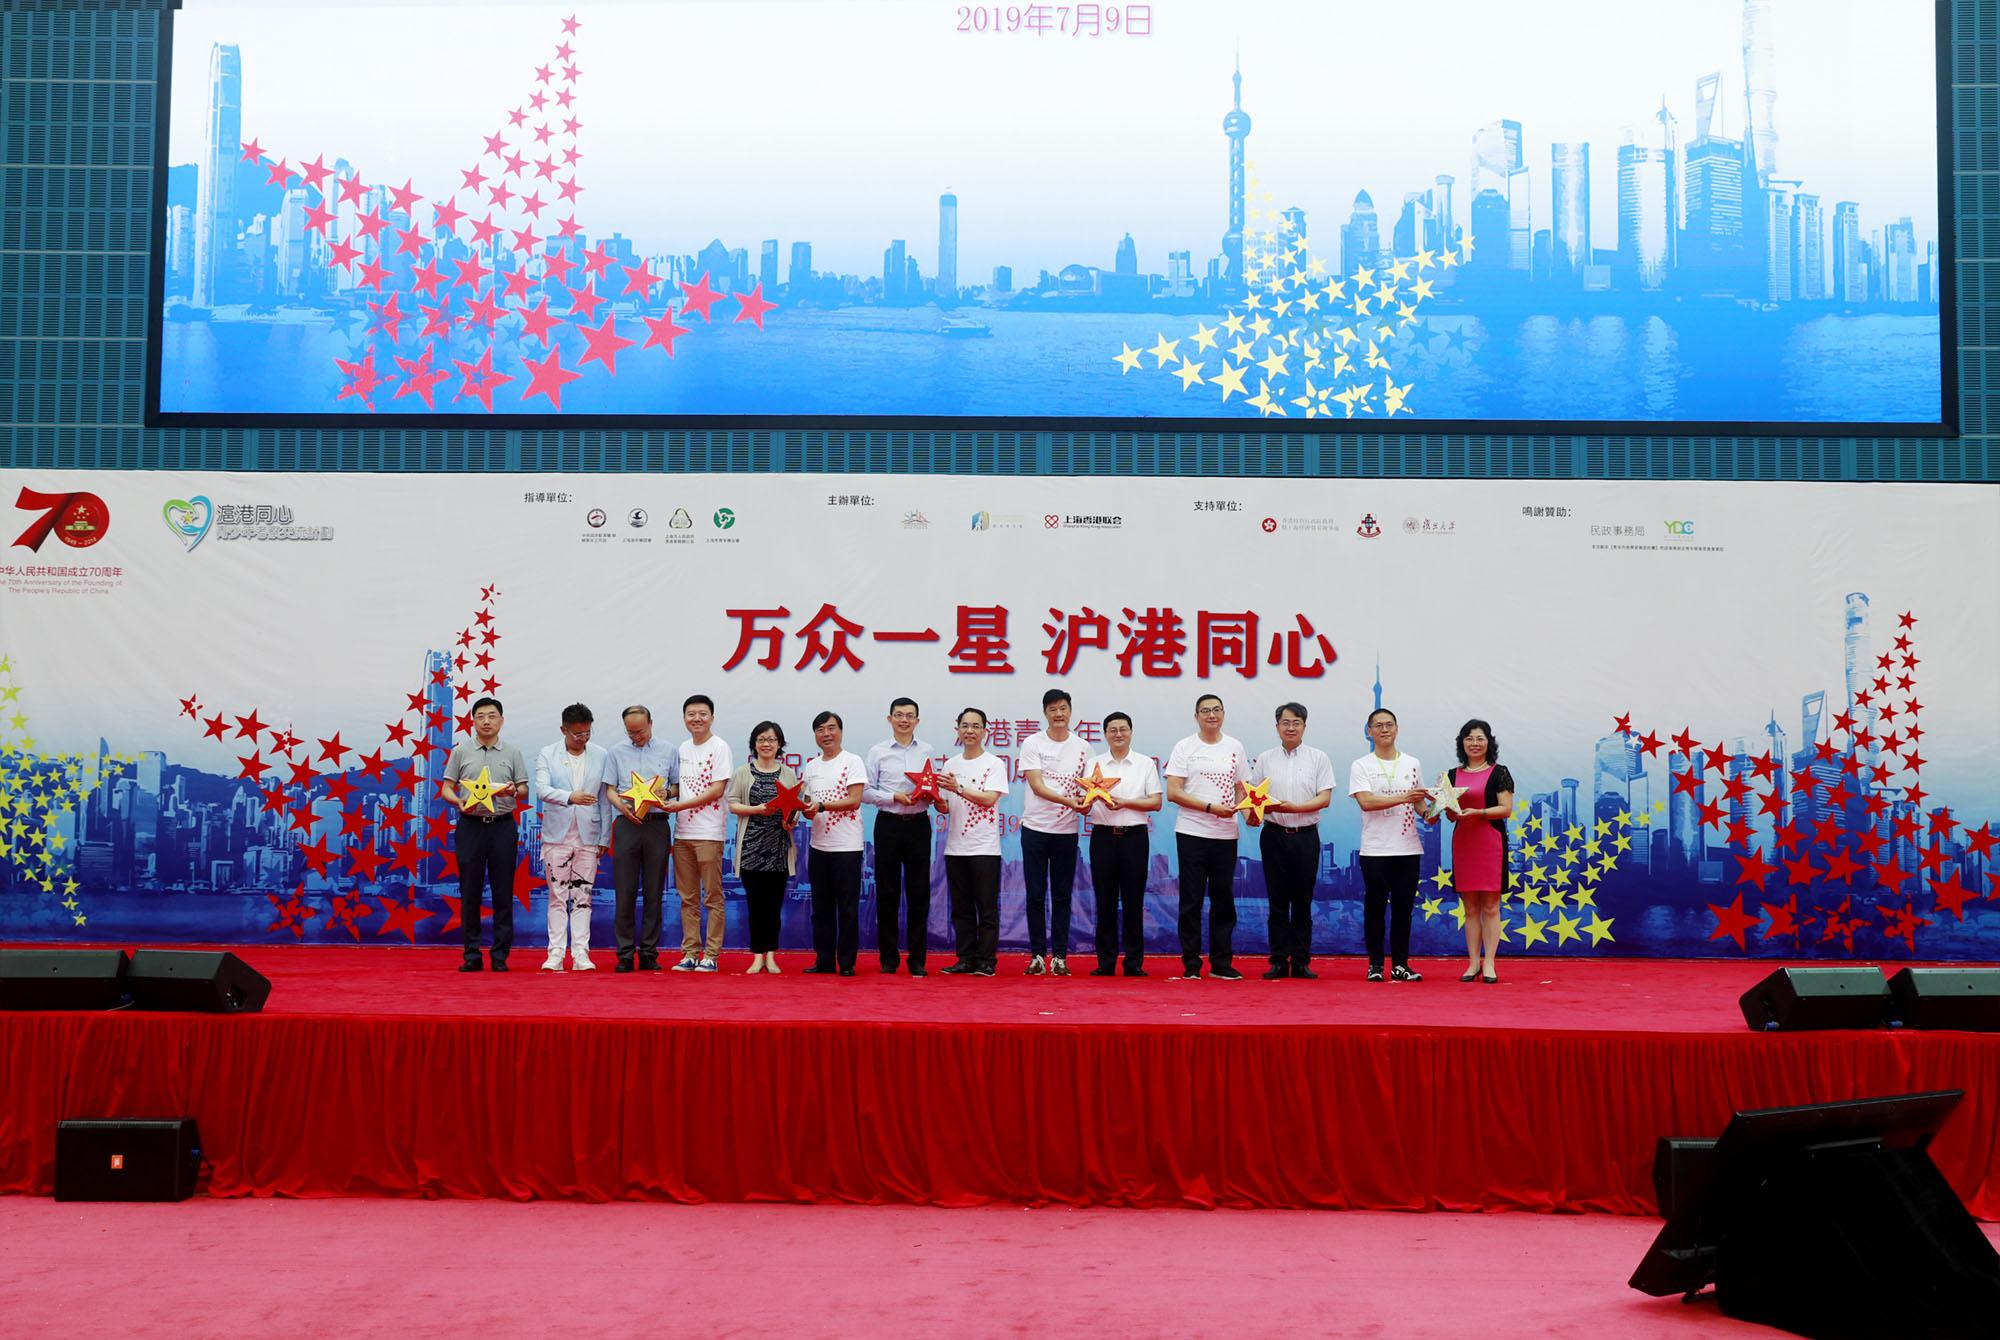 上海滬港同心活動攝像2